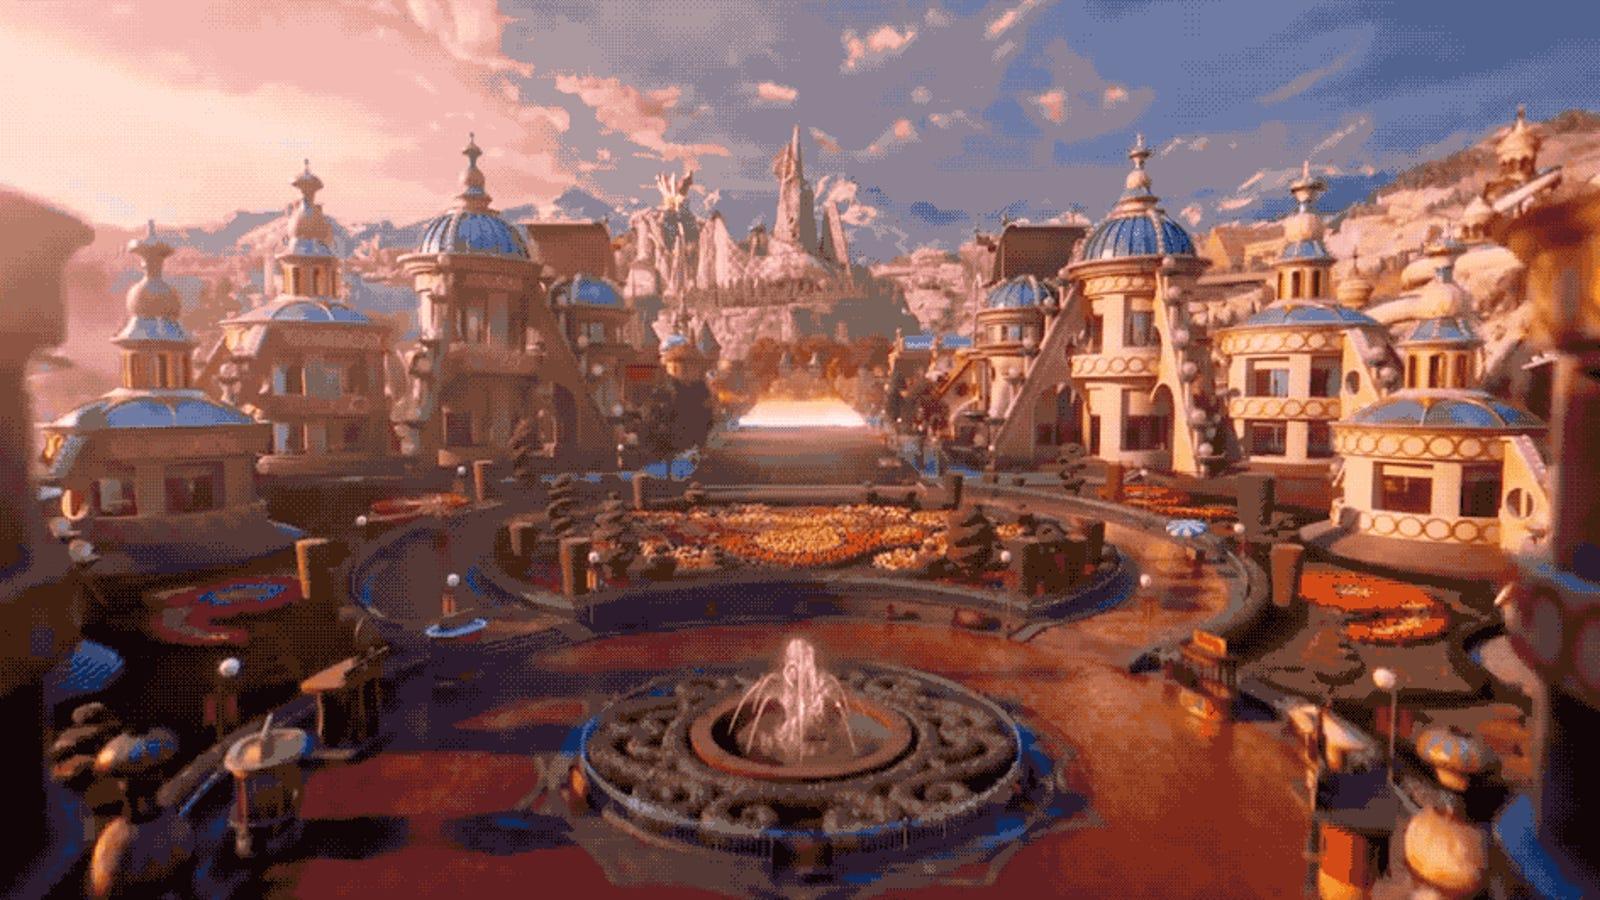 In Wonder Park Trailer, Girl Finds a Magical Fake Disneyland